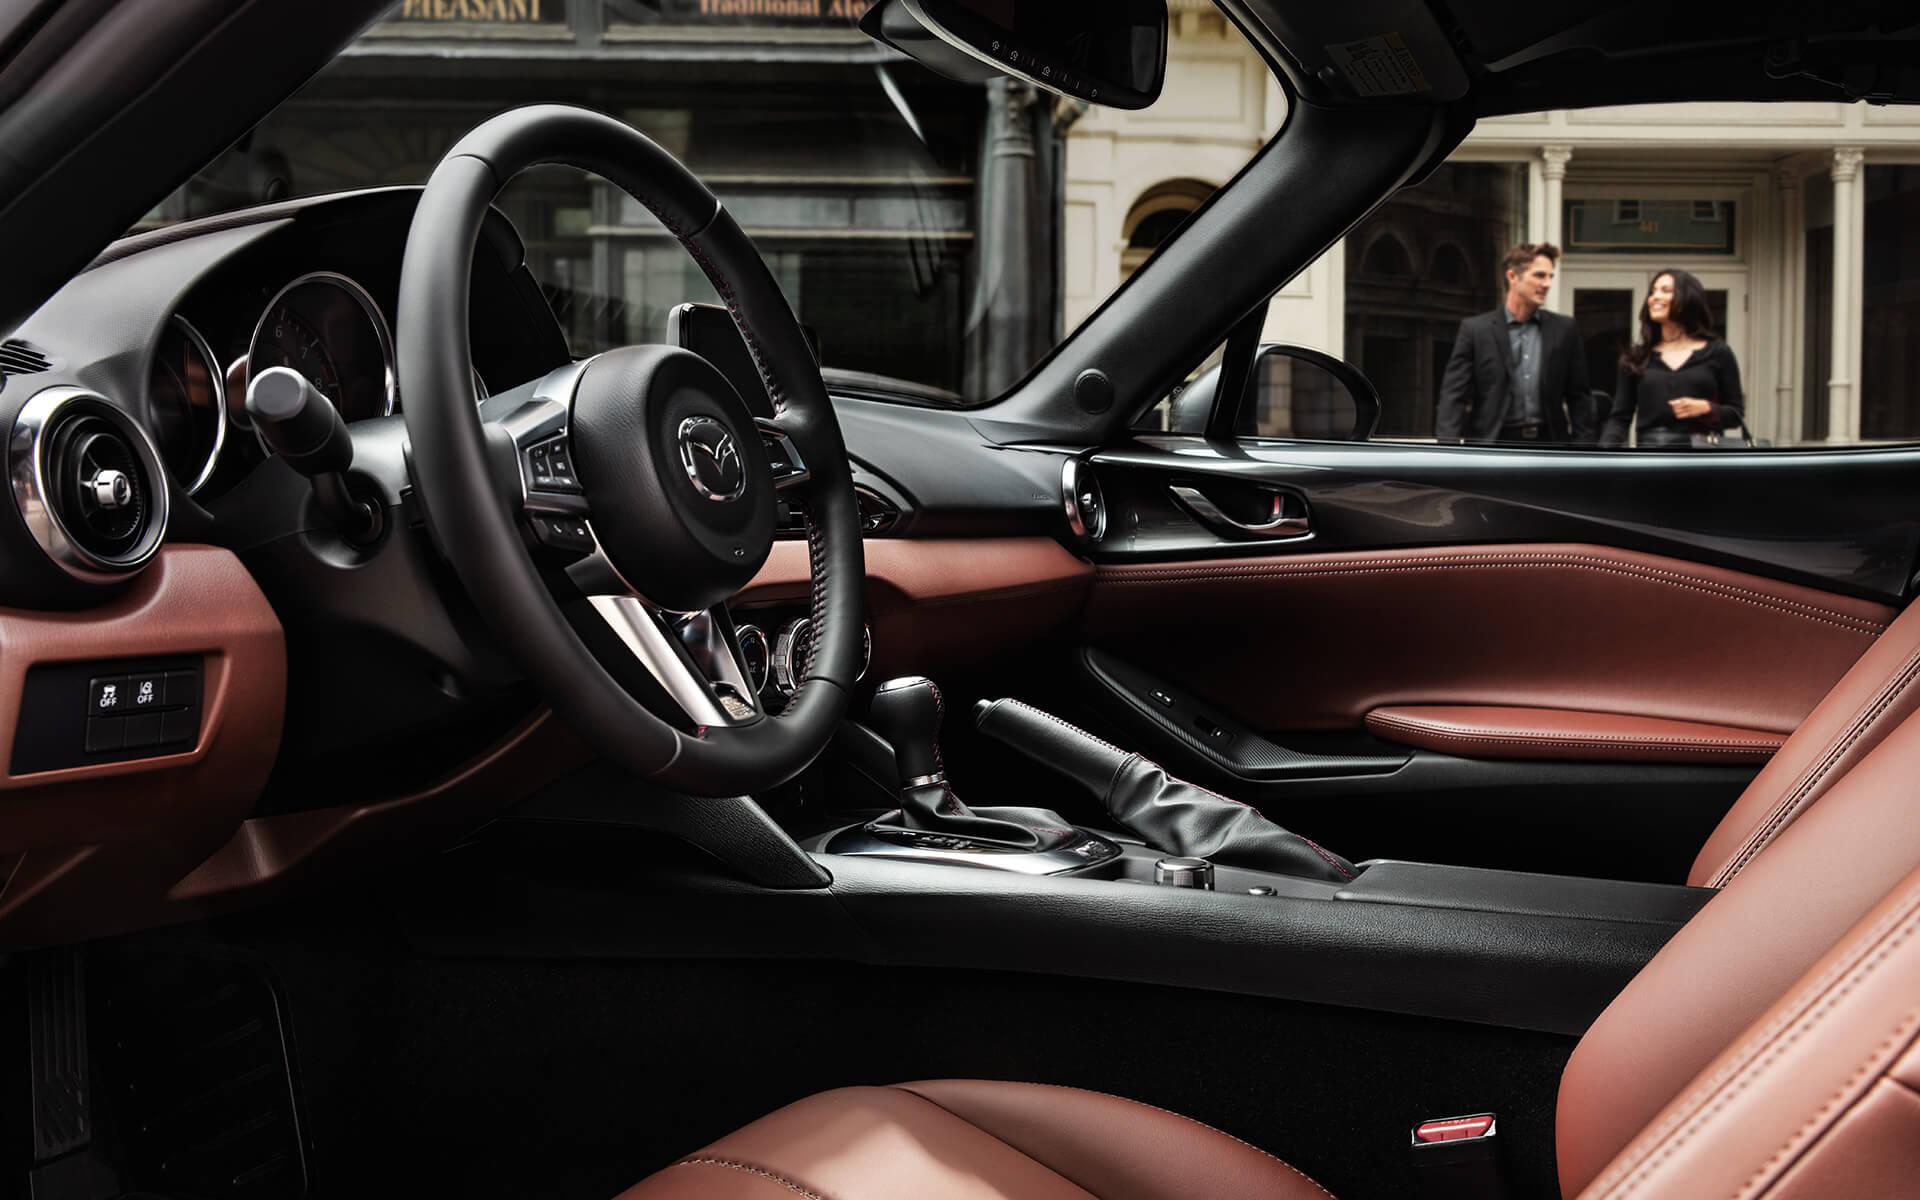 Auto deportivo Mazda MX-5 Miata RF 2019 – interior